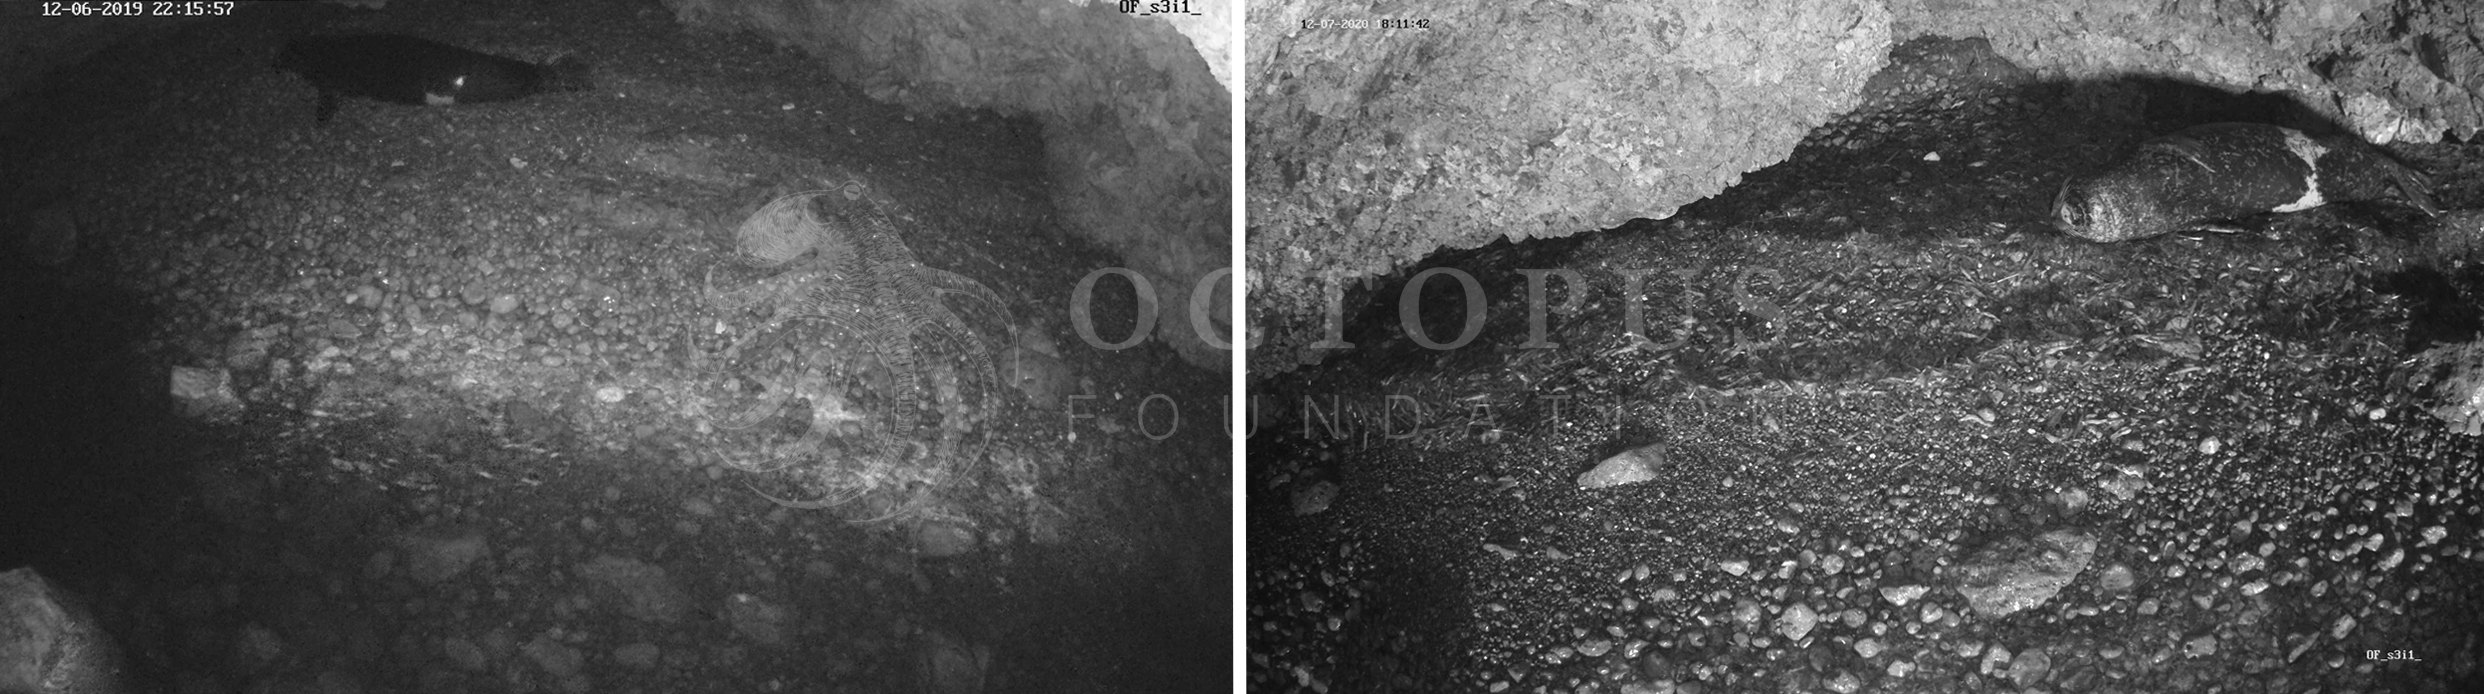 Les deux images montrent l'intérieur de la même grotte (à gauche en 2019 et à droite en 2020. Après une saison en plan large, nous avons compris où les phoques s'installaient systématiquement sur la plage. En déplaçant la caméra nous espérons pouvoir mieux identifier les animaux, ici le même mâle de plus de 200 kilos © Fondation Octopus